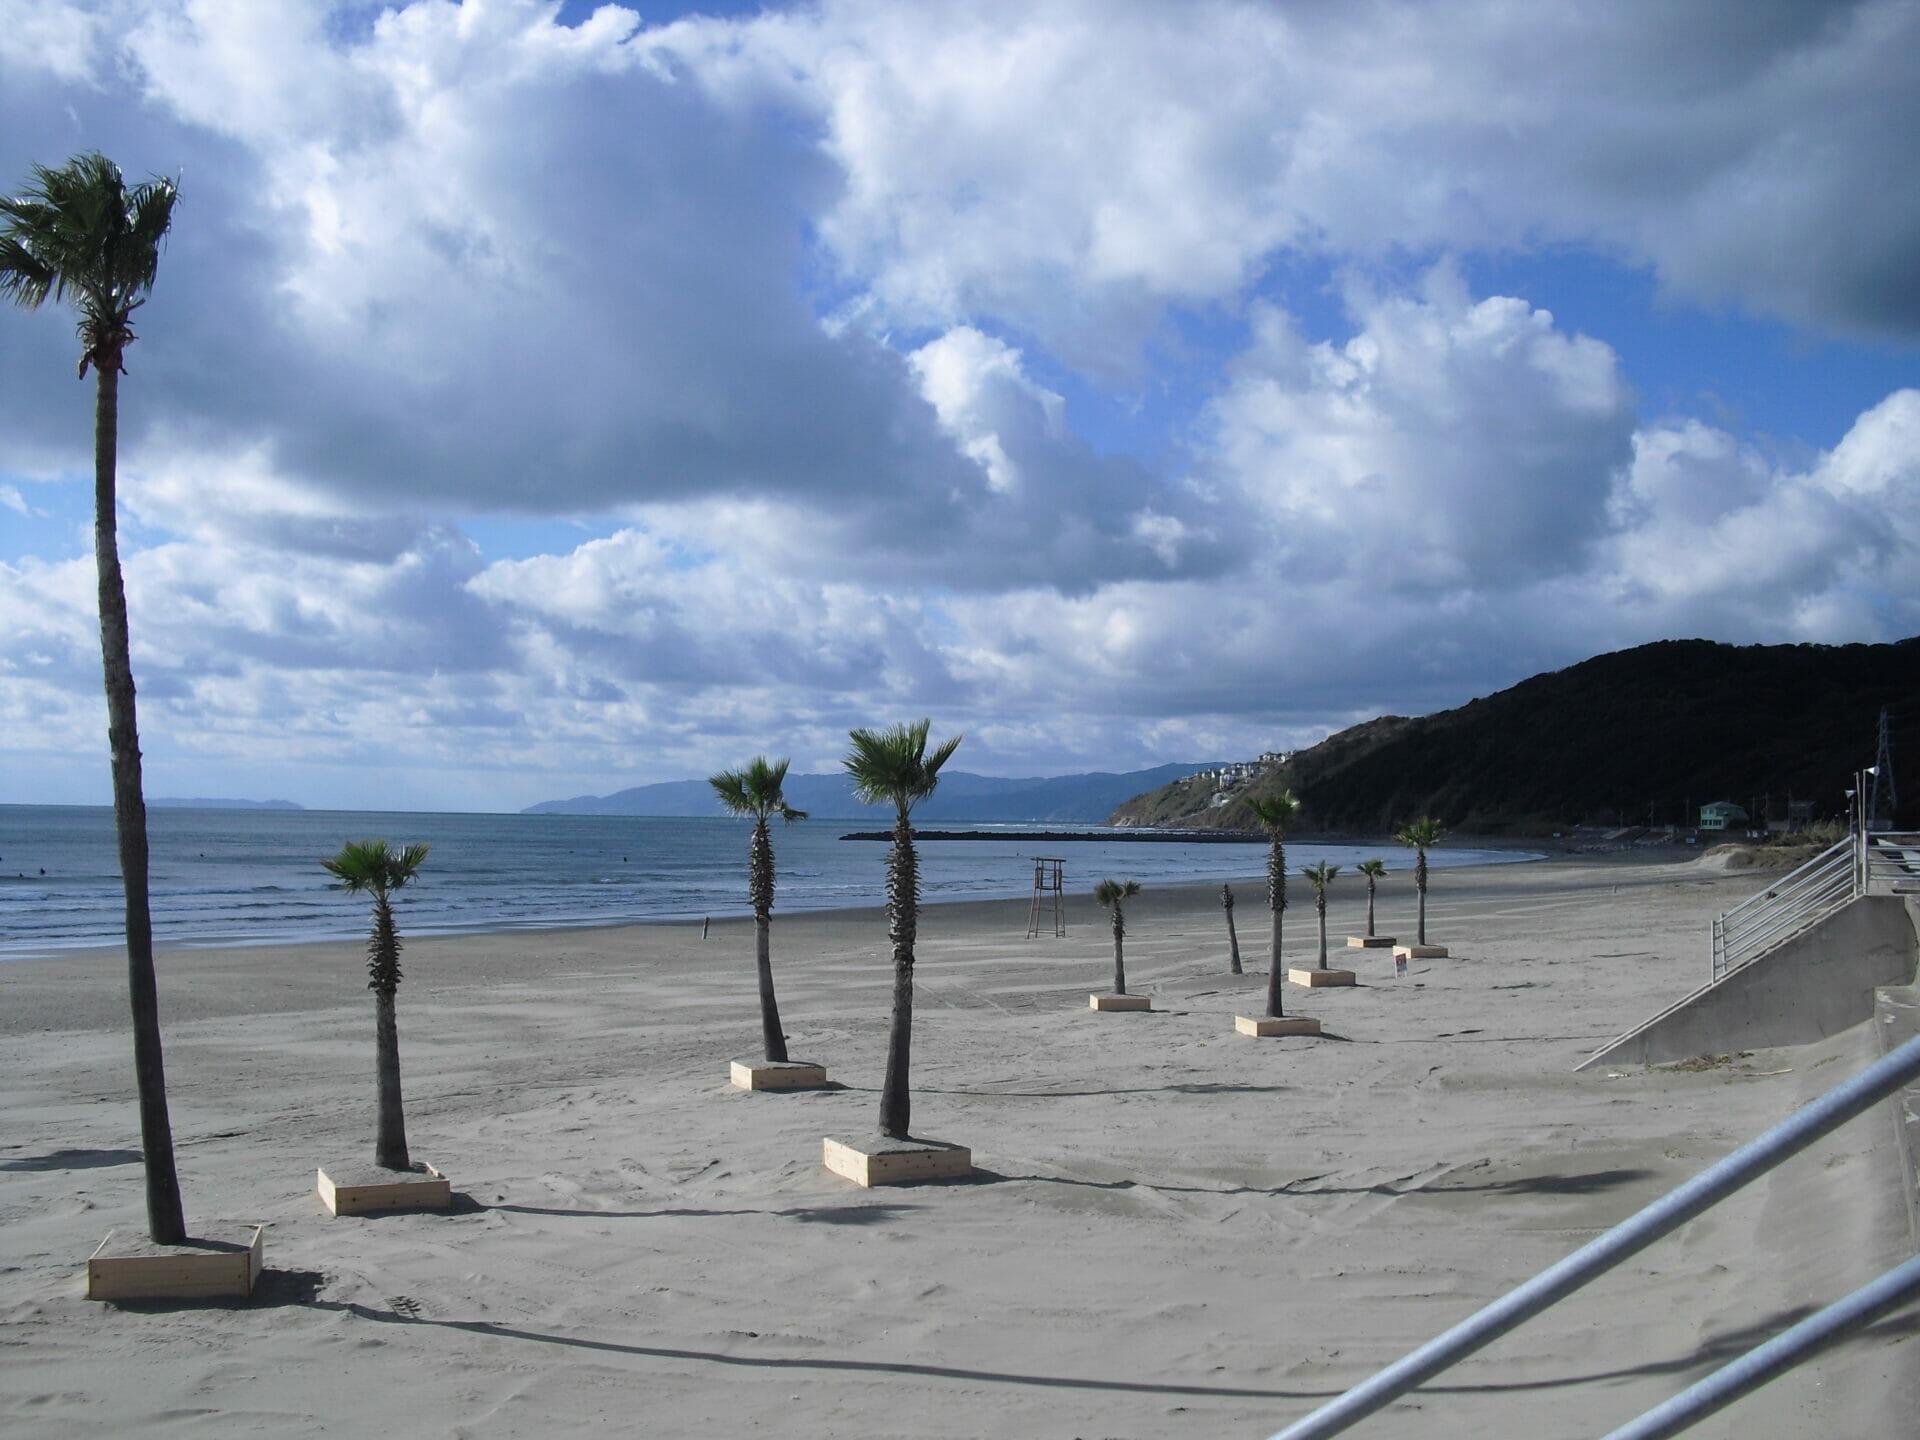 磯の浦海水浴場周辺全域、スケートボードは禁止です。